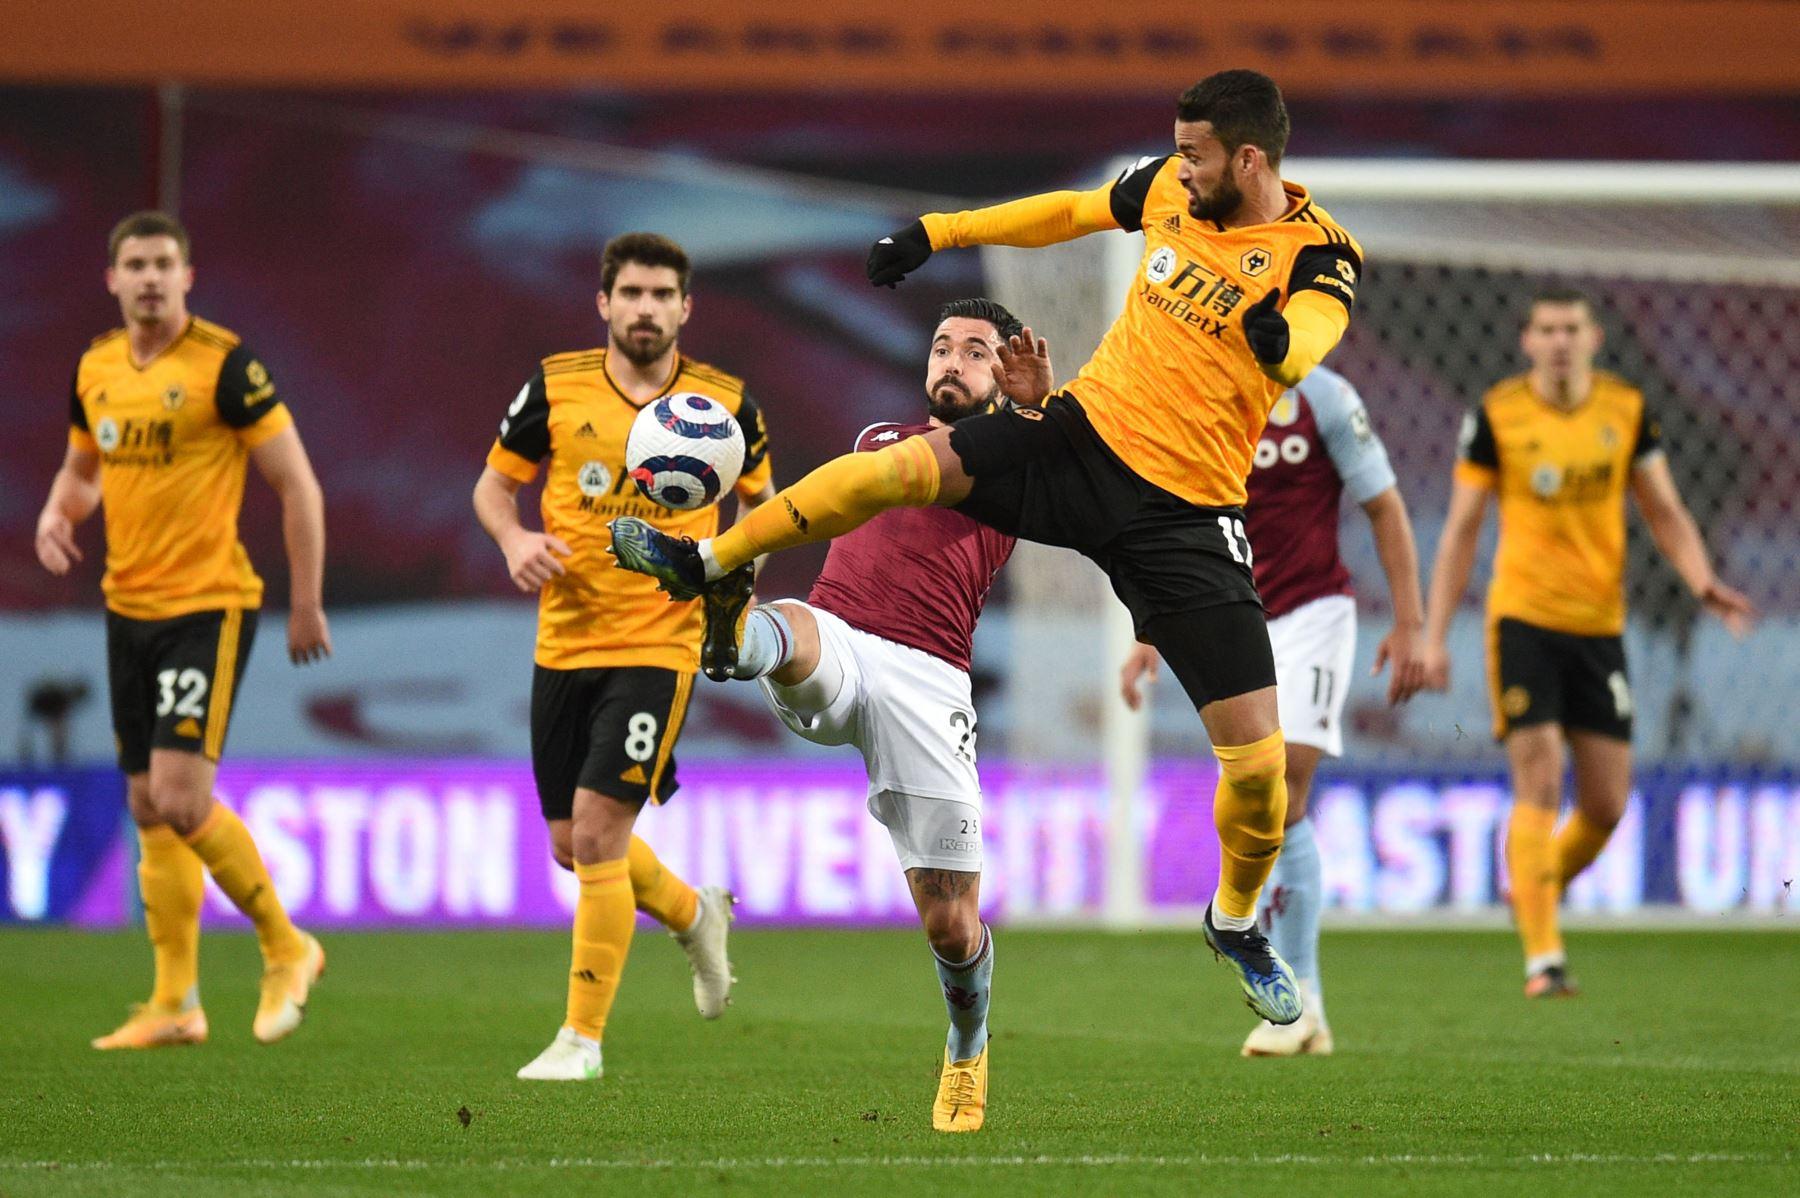 El centrocampista francés de Aston Villa Morgan Sanson y el delantero brasileño de Wolverhampton Wanderers Willian José van por el balón durante el partido de fútbol de la Premier League inglesa entre Aston Villa y Wolverhampton Wanderers. Foto: AFP